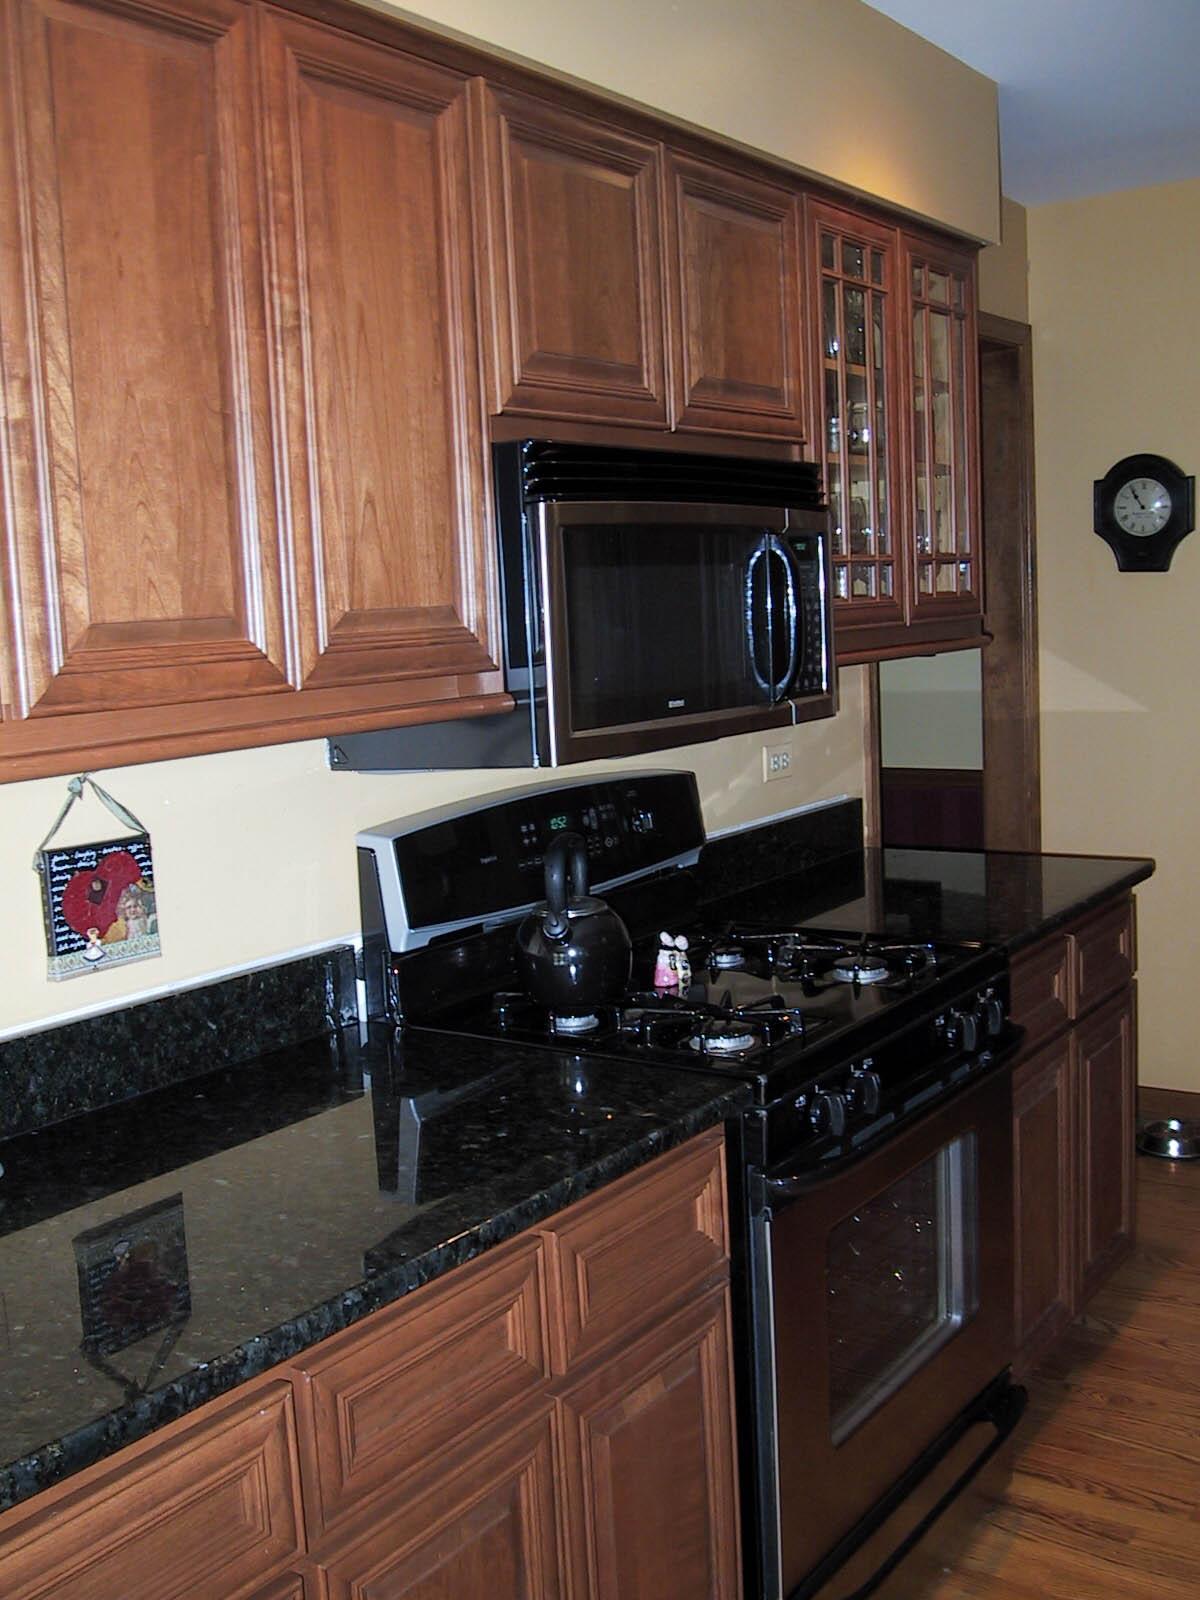 Removing Kitchen Soffits - Worth it? - Kitchen Craftsman ...